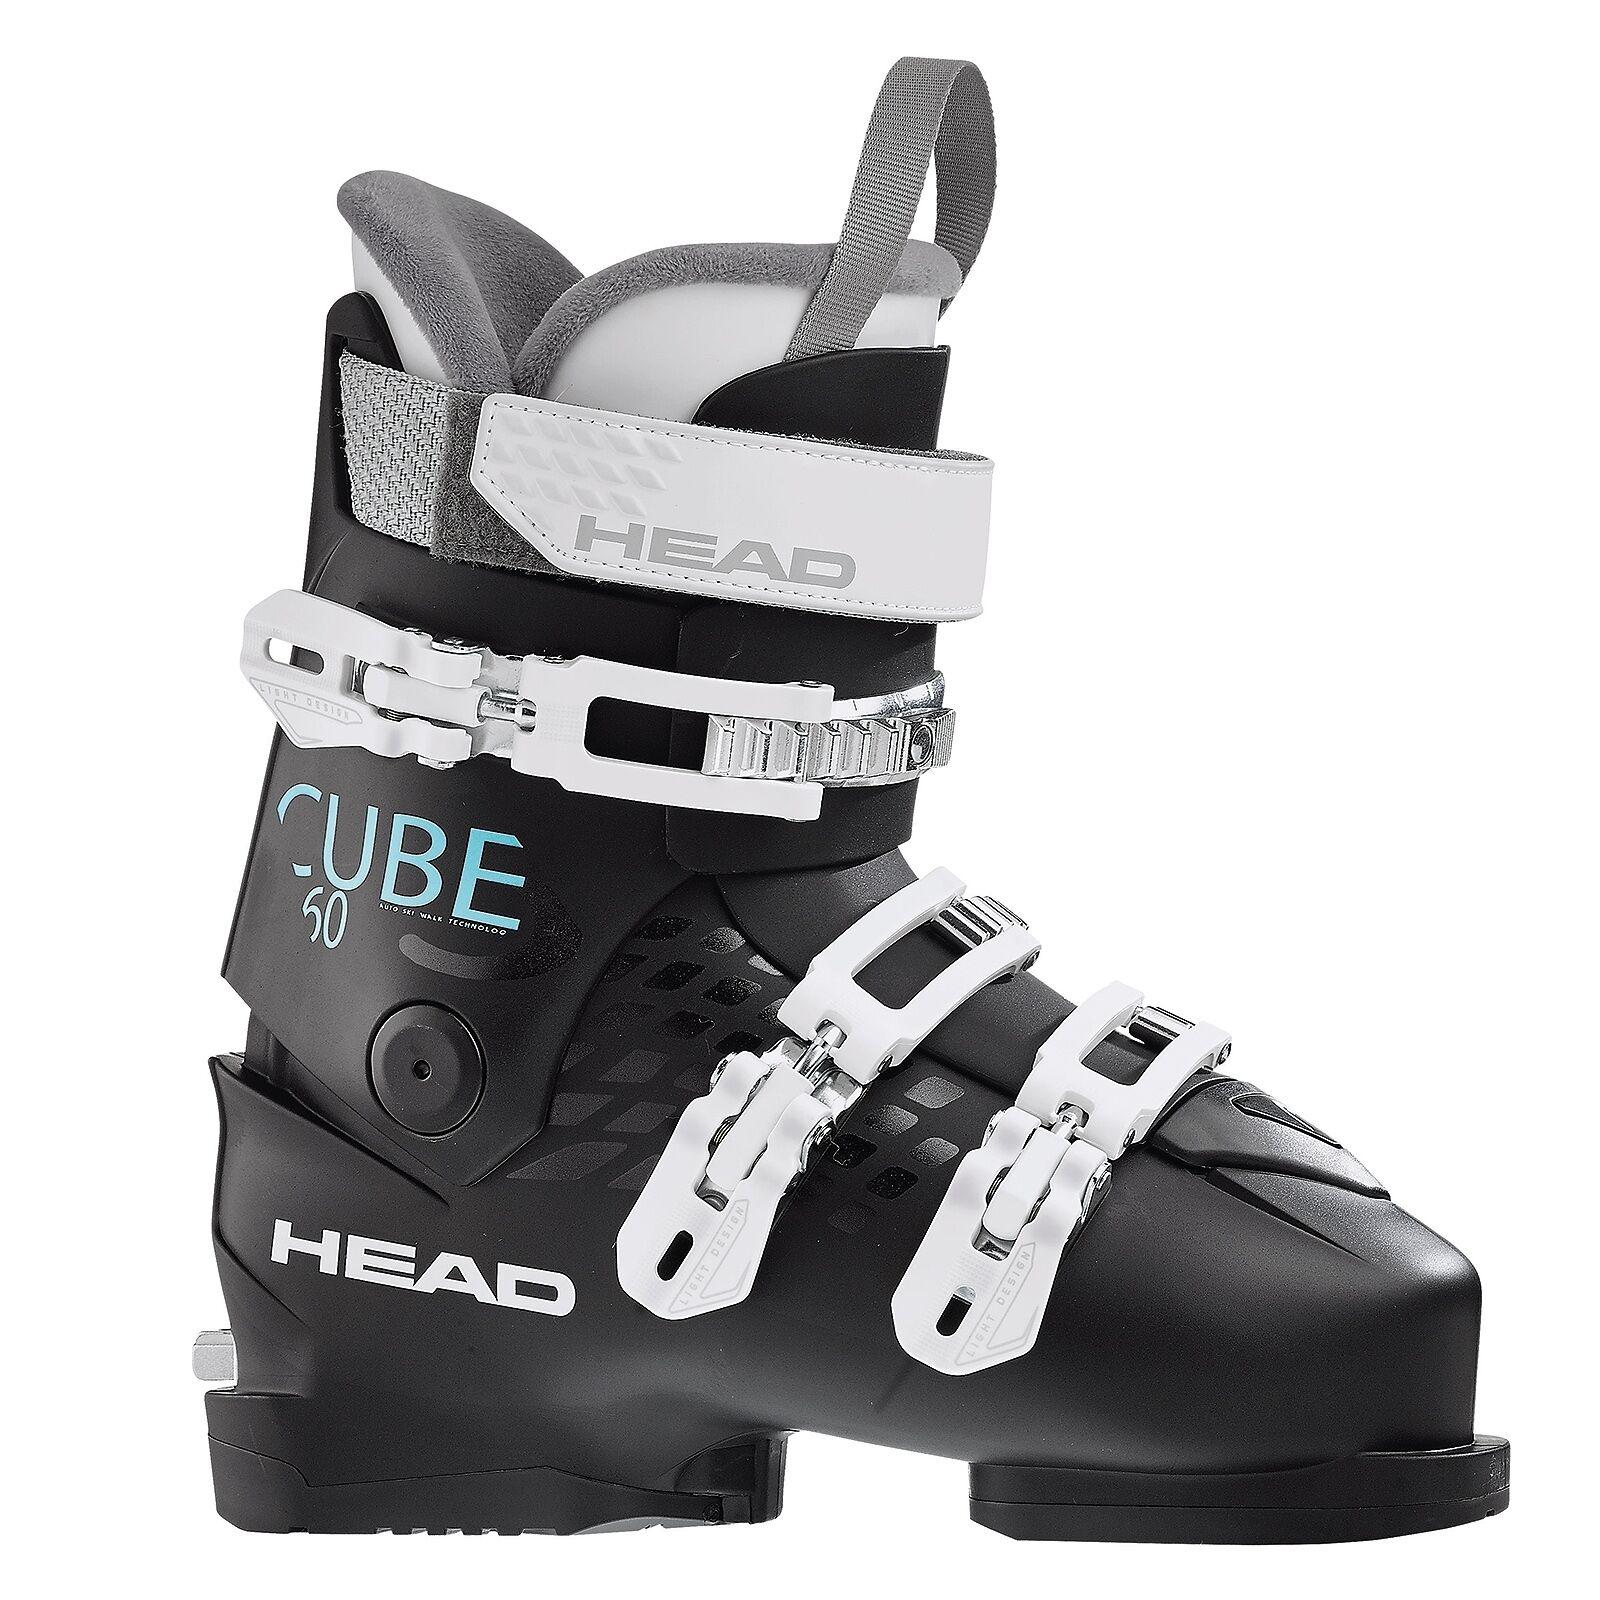 head Chaussures De Ski Head Cube 3 60 W Black